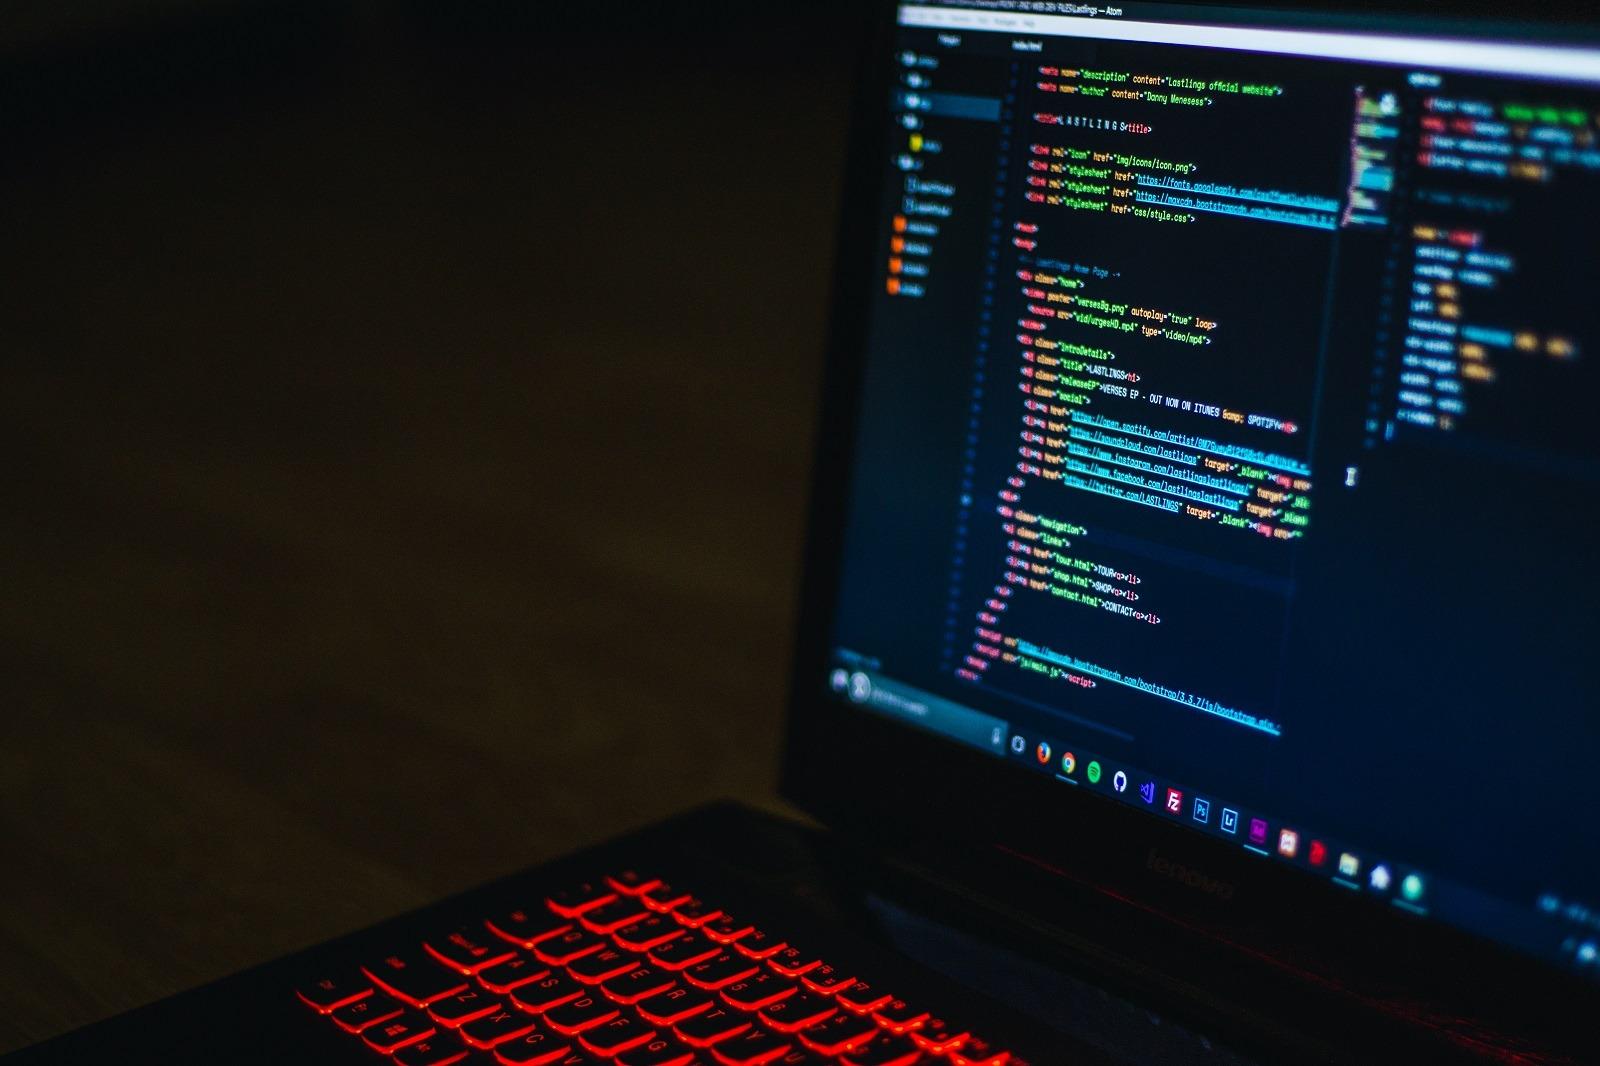 idunatek softwareentwicklung, software, c#, wcf, wpf, .net framework, windows